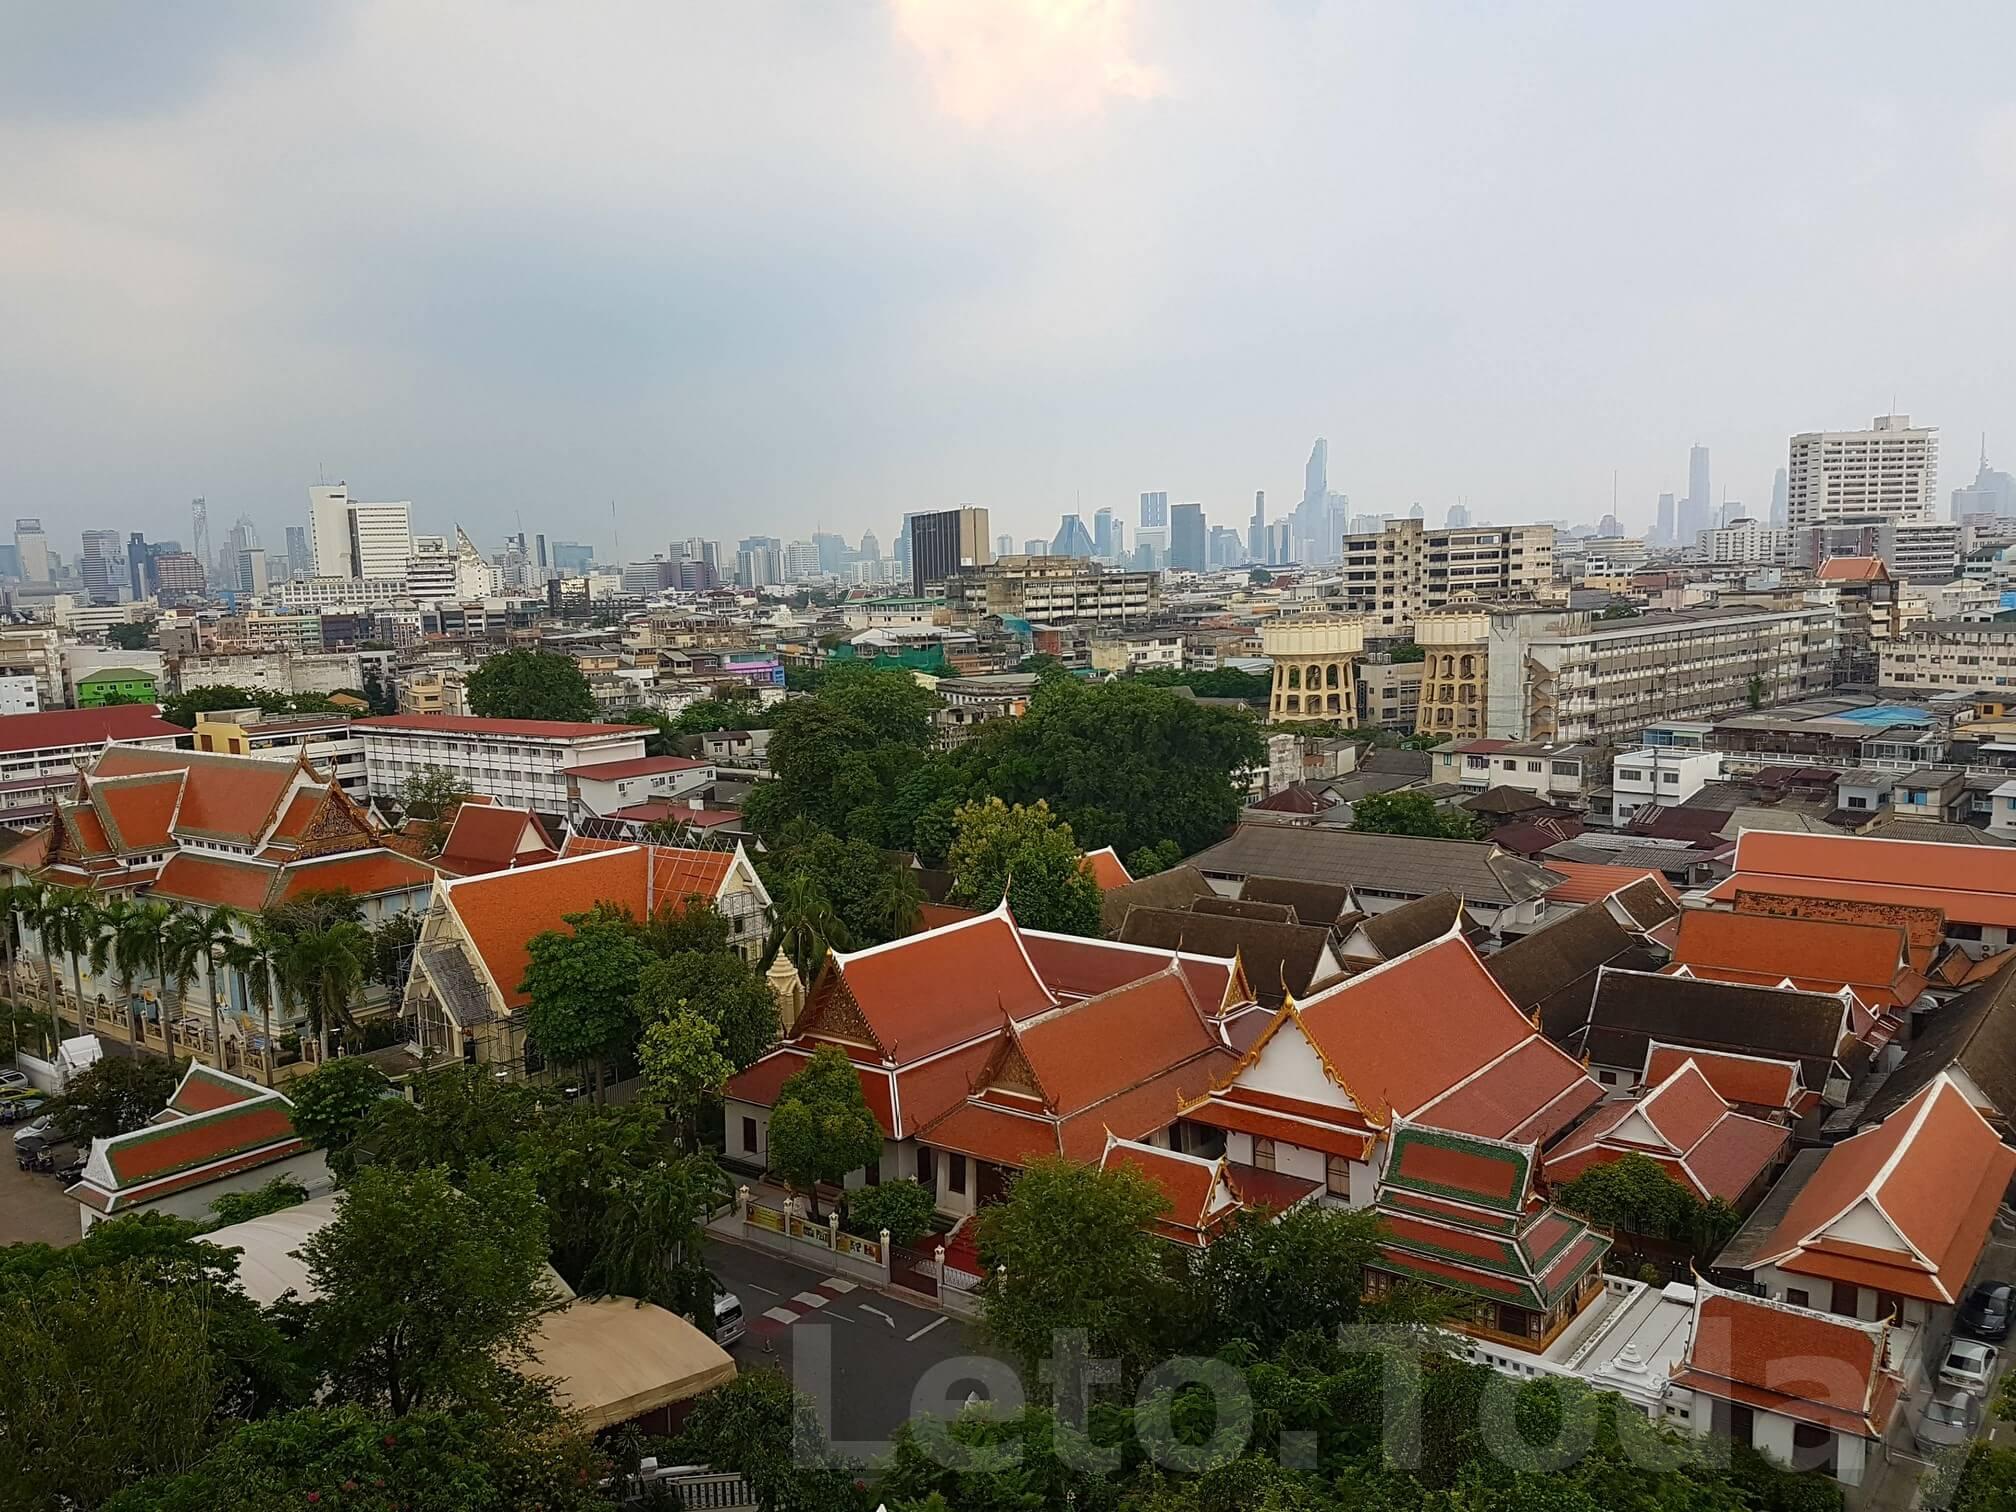 ват сакет leto.today (9) Обзорная площадка в Бангкоке - Ват Сакет